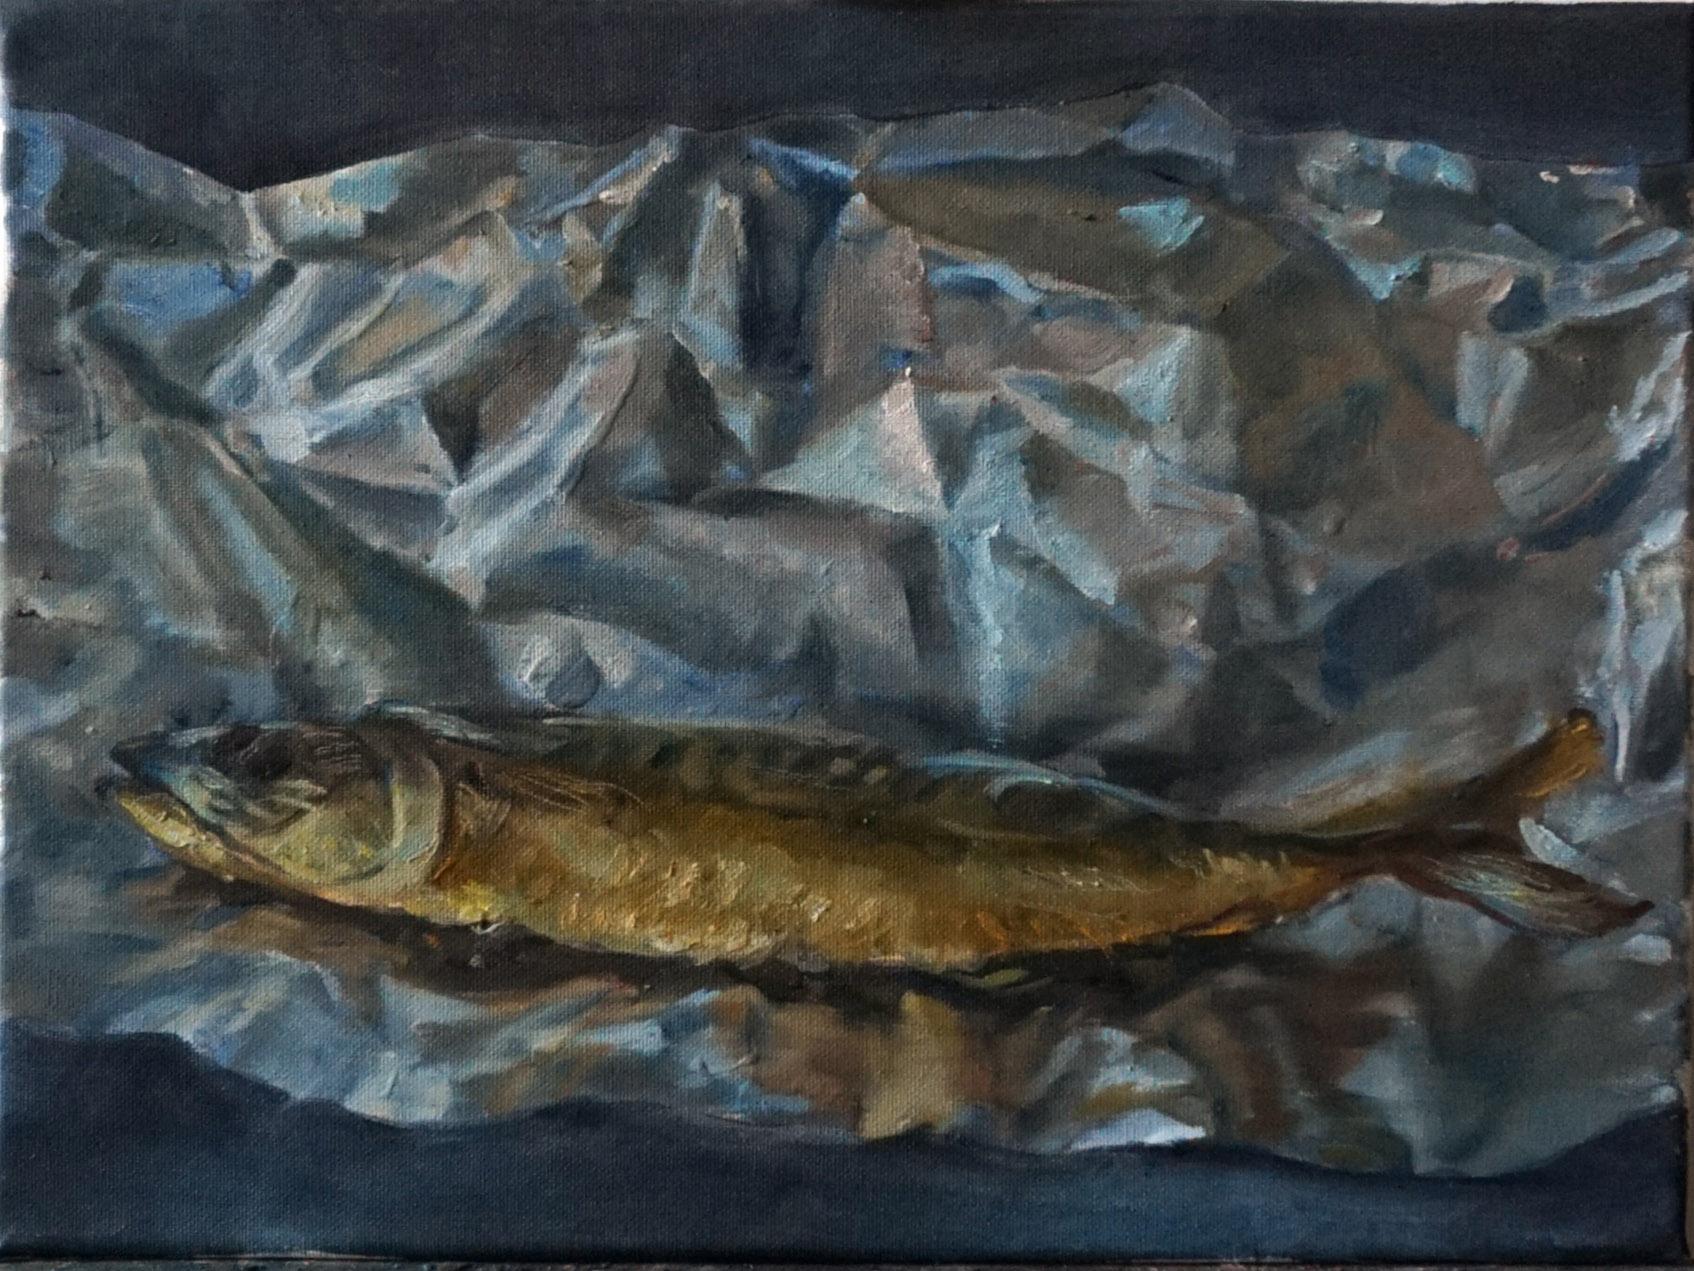 """Michail Schnittmann, """"Makrelentraum"""", 2019, Öl auf Leinwand, 70 x 50 cm"""